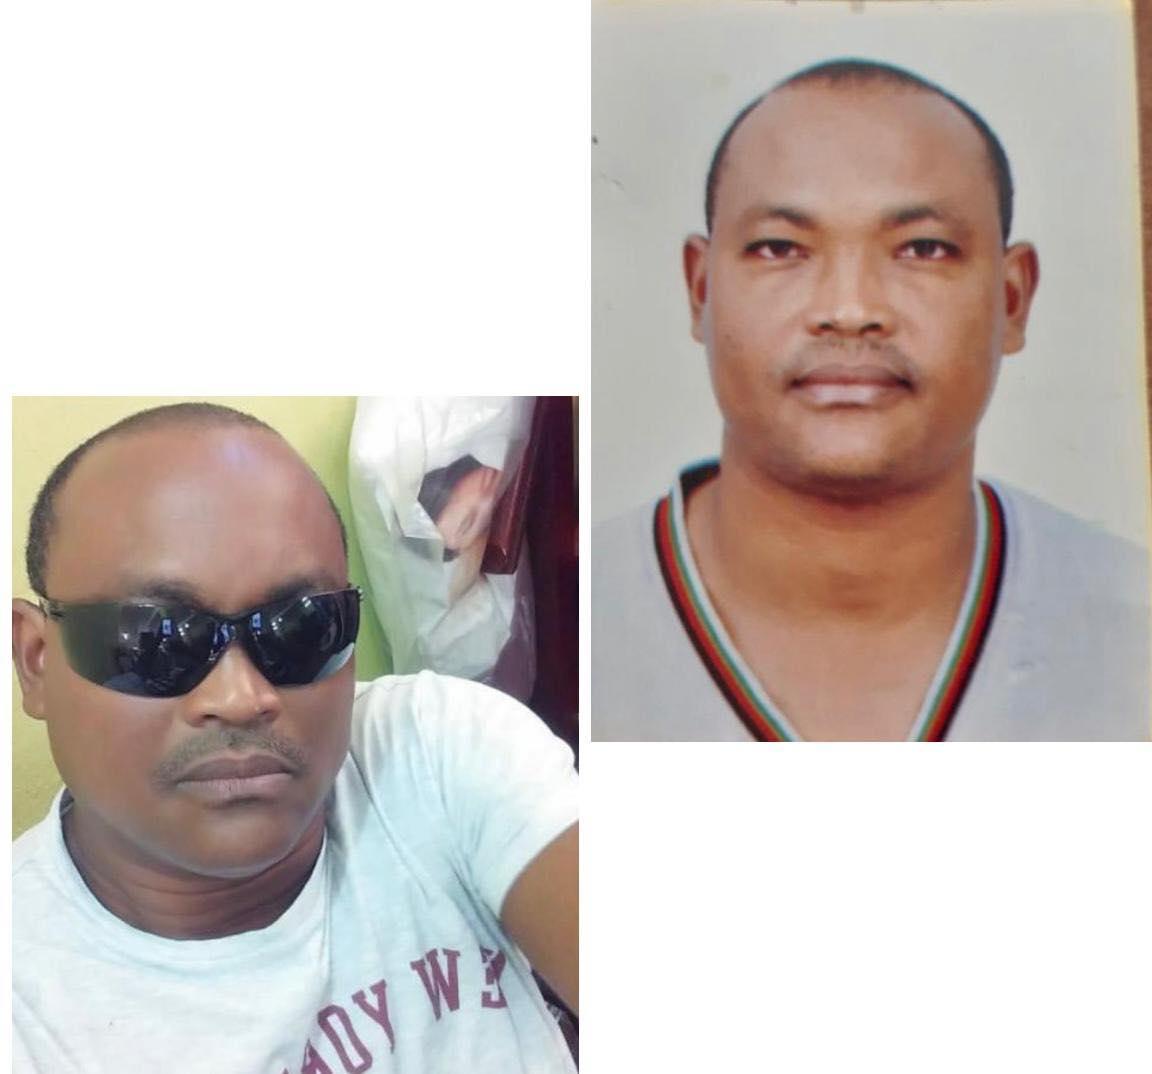 Kijzer Erick Paramaribo